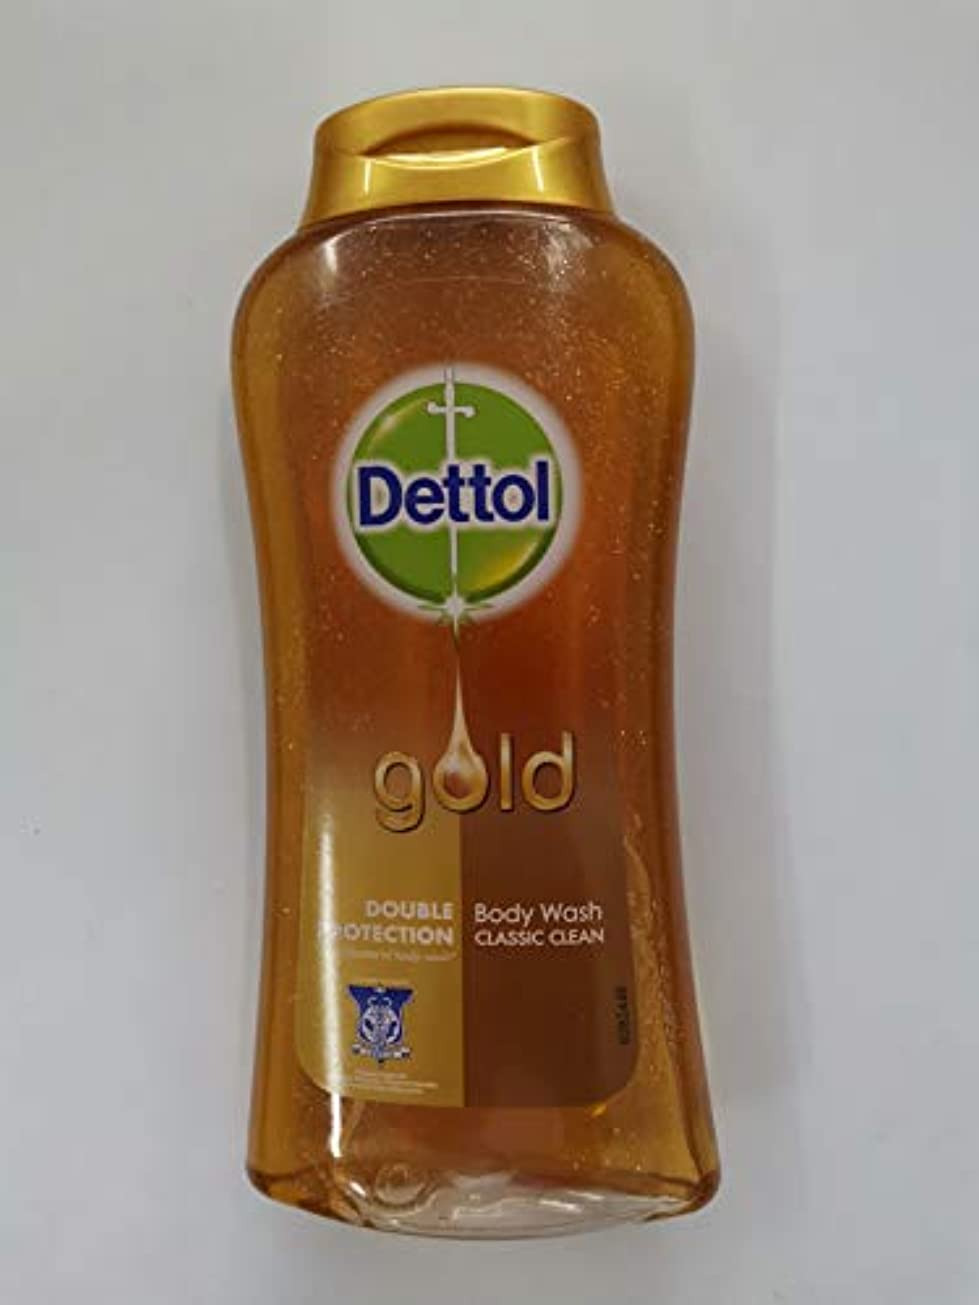 自転車運賃爪Dettol クラシッククリーンボディローション250ミリリットル - 細菌非食用風呂-kills 99.9% - 毎日の細菌を防ぎます